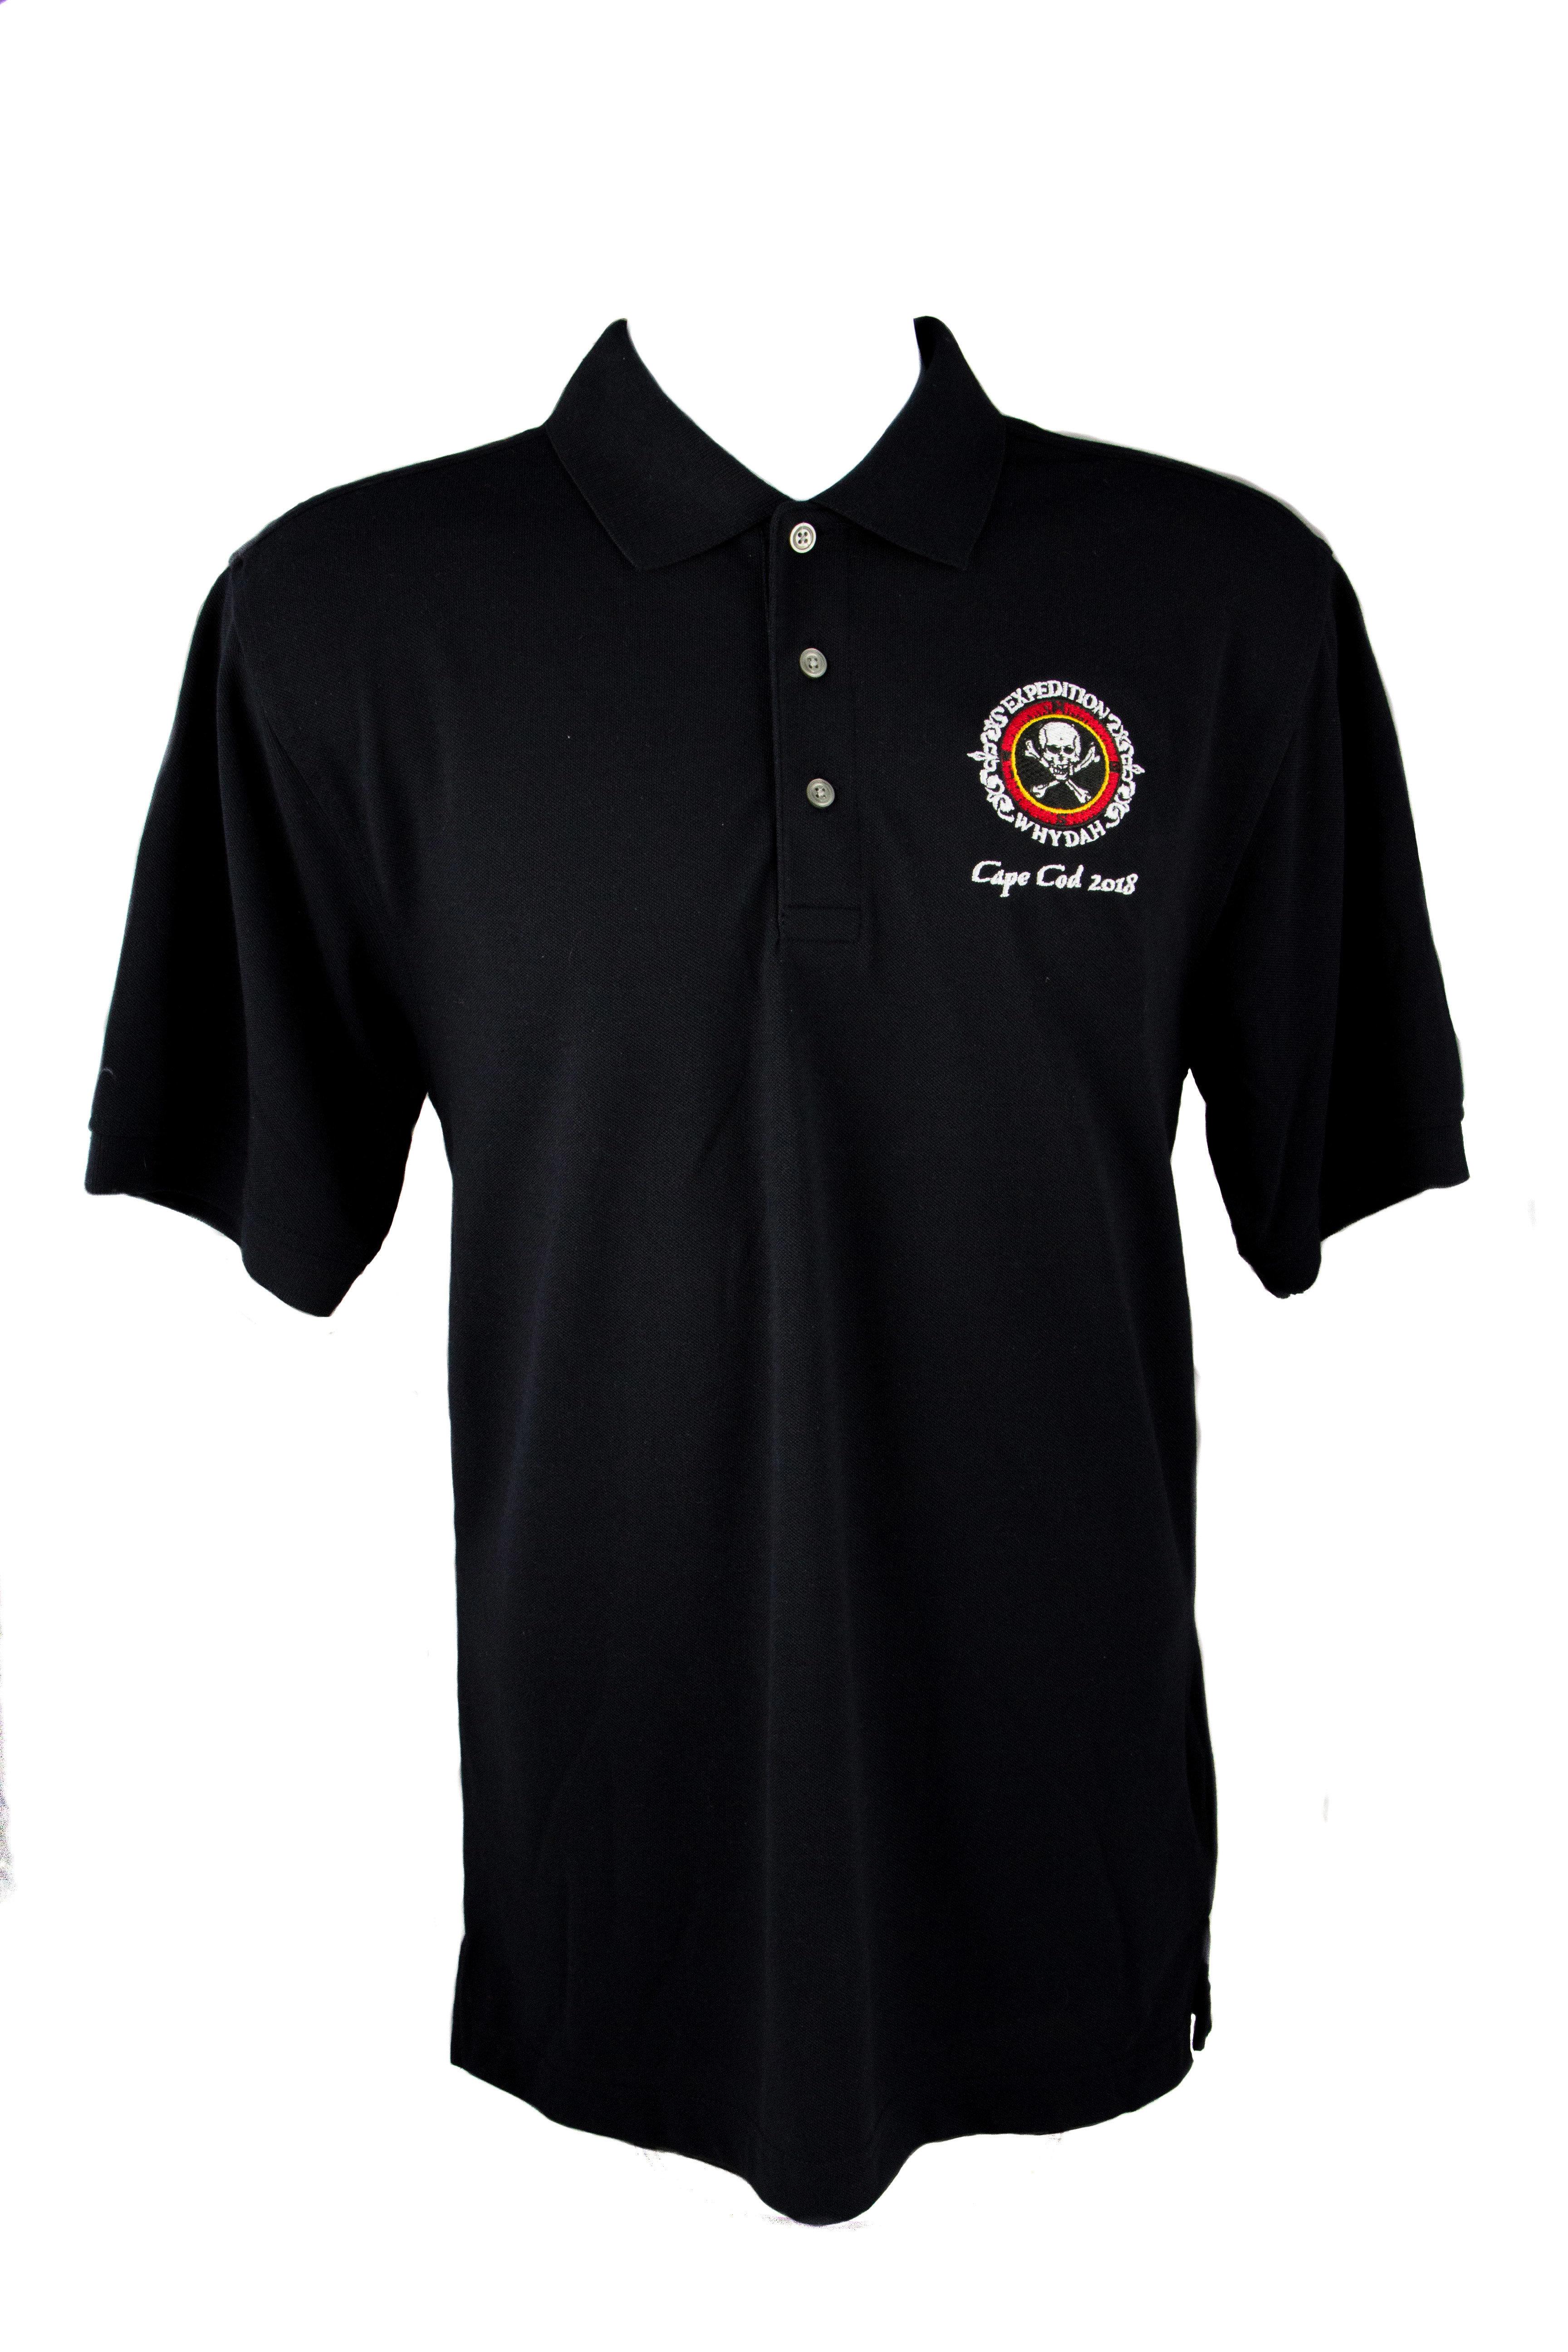 Mens Polo Shirts HQM54GZB8FAS4